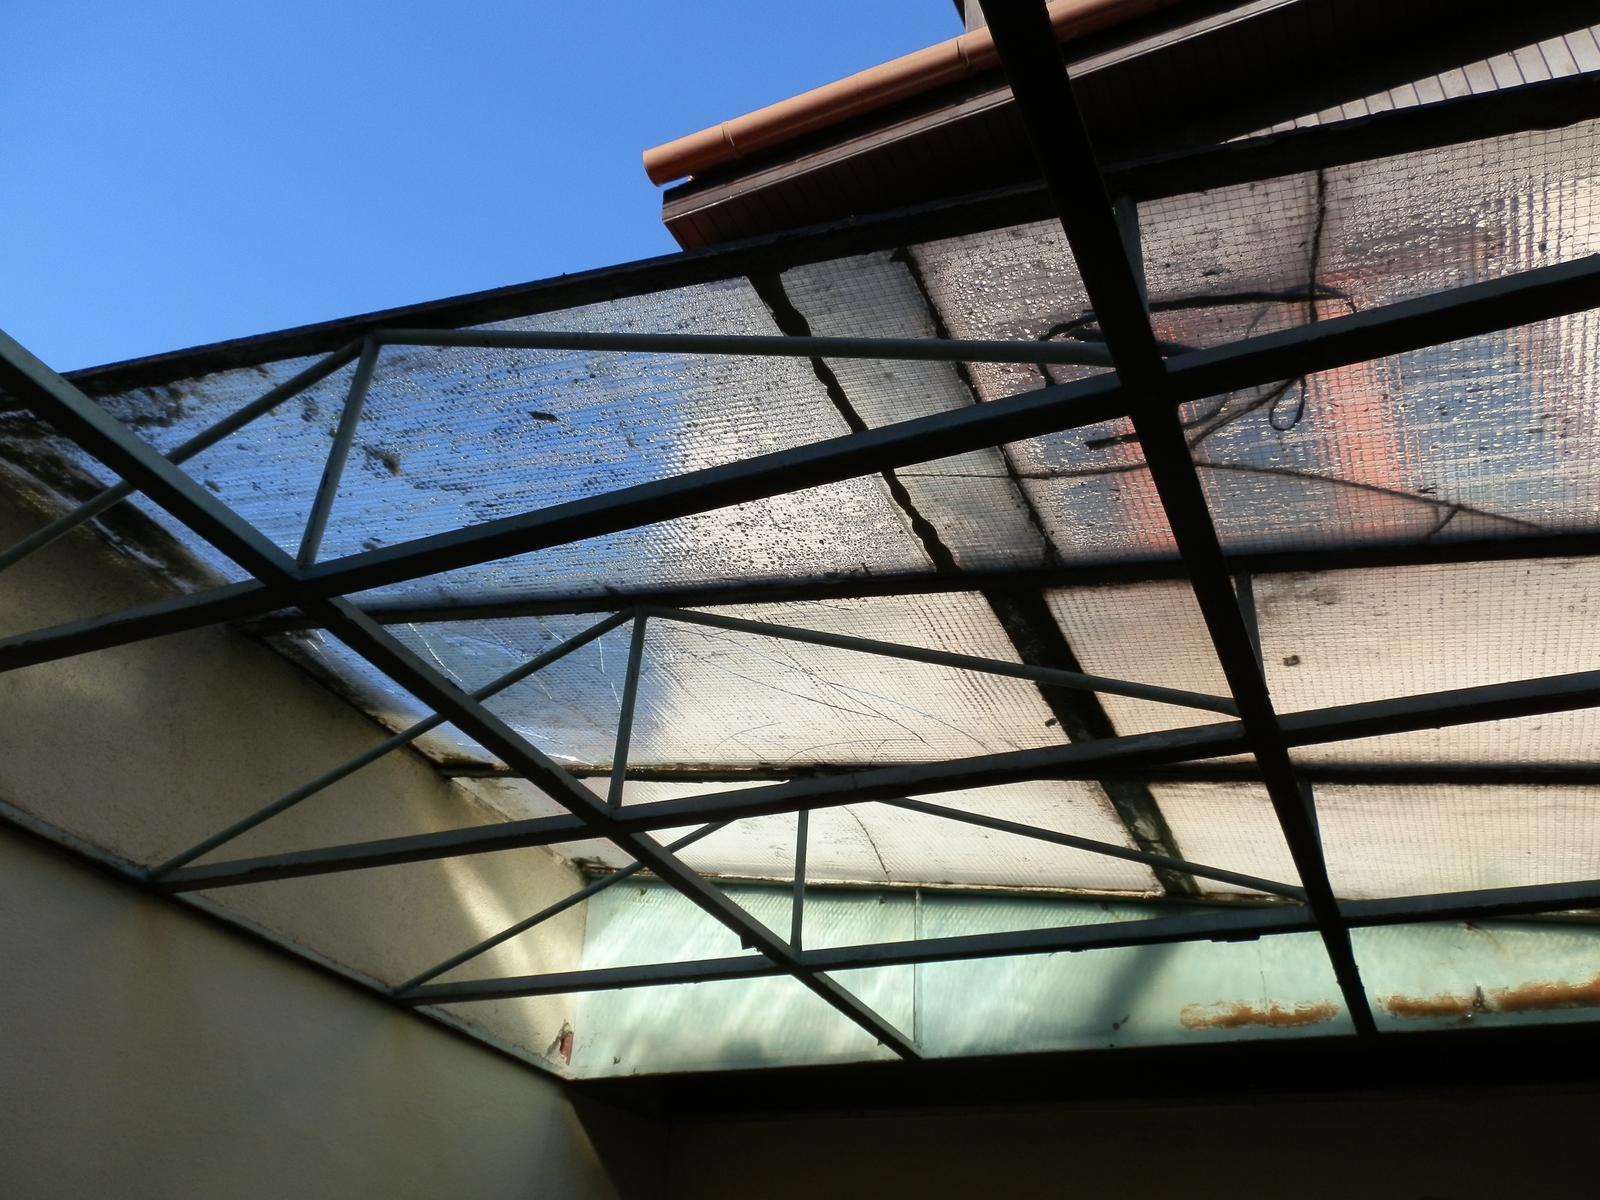 Náš byt v domě- rekonstrukce - Obrázek č. 36